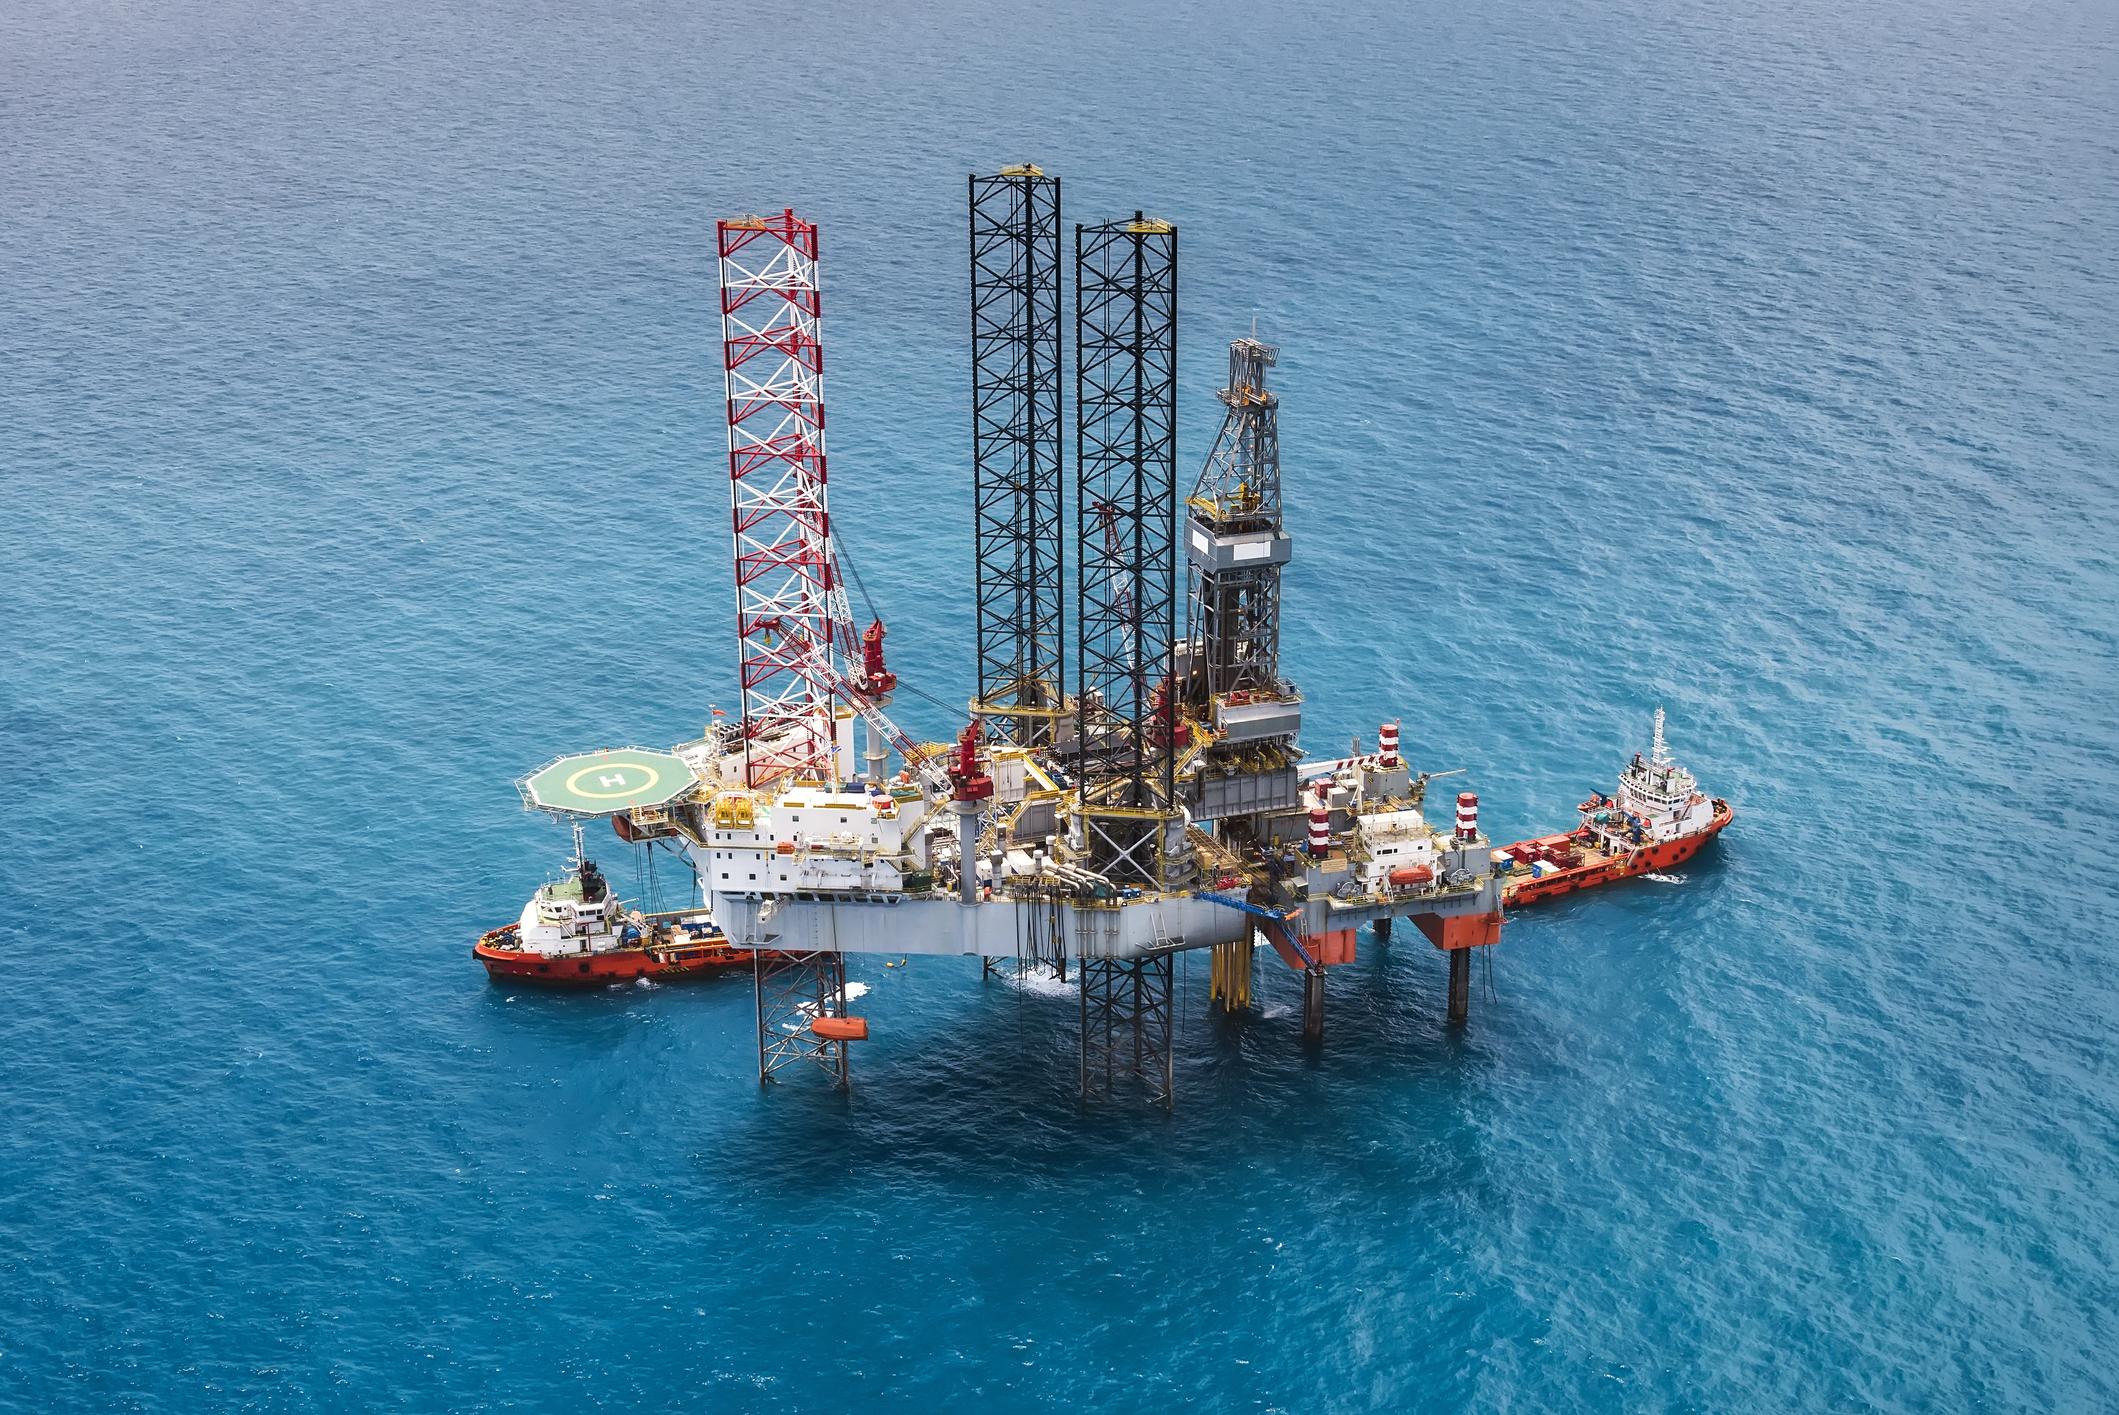 An offshore oil platform.